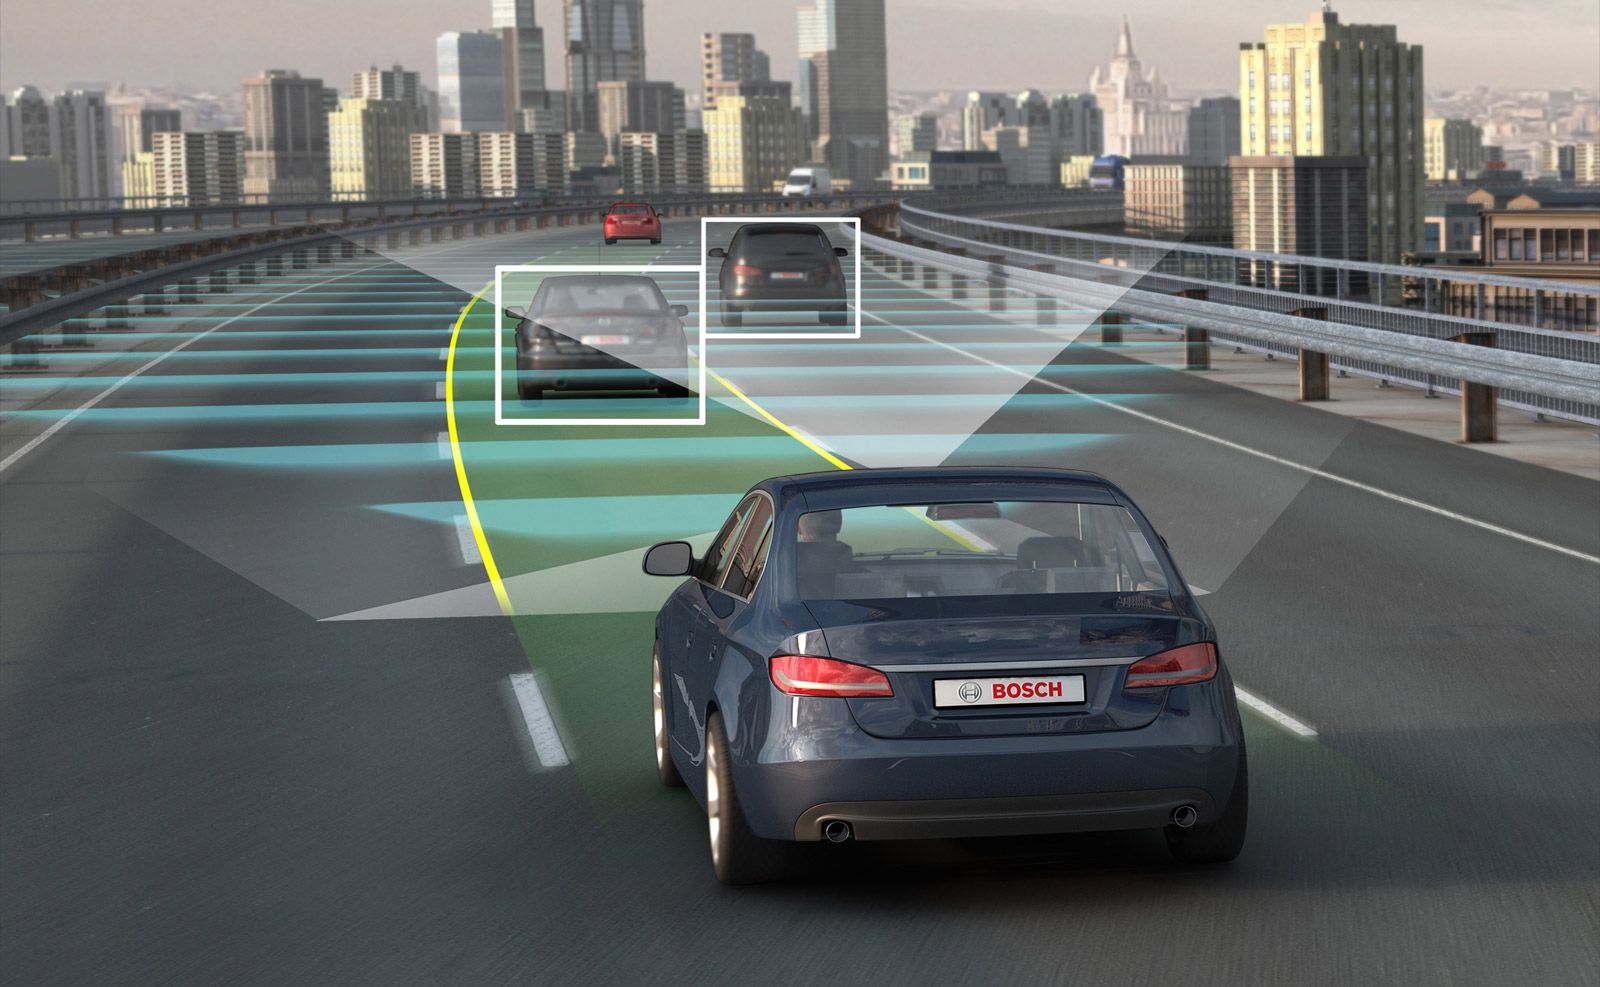 Quieren que los autos se comuniquen para reducir accidentes